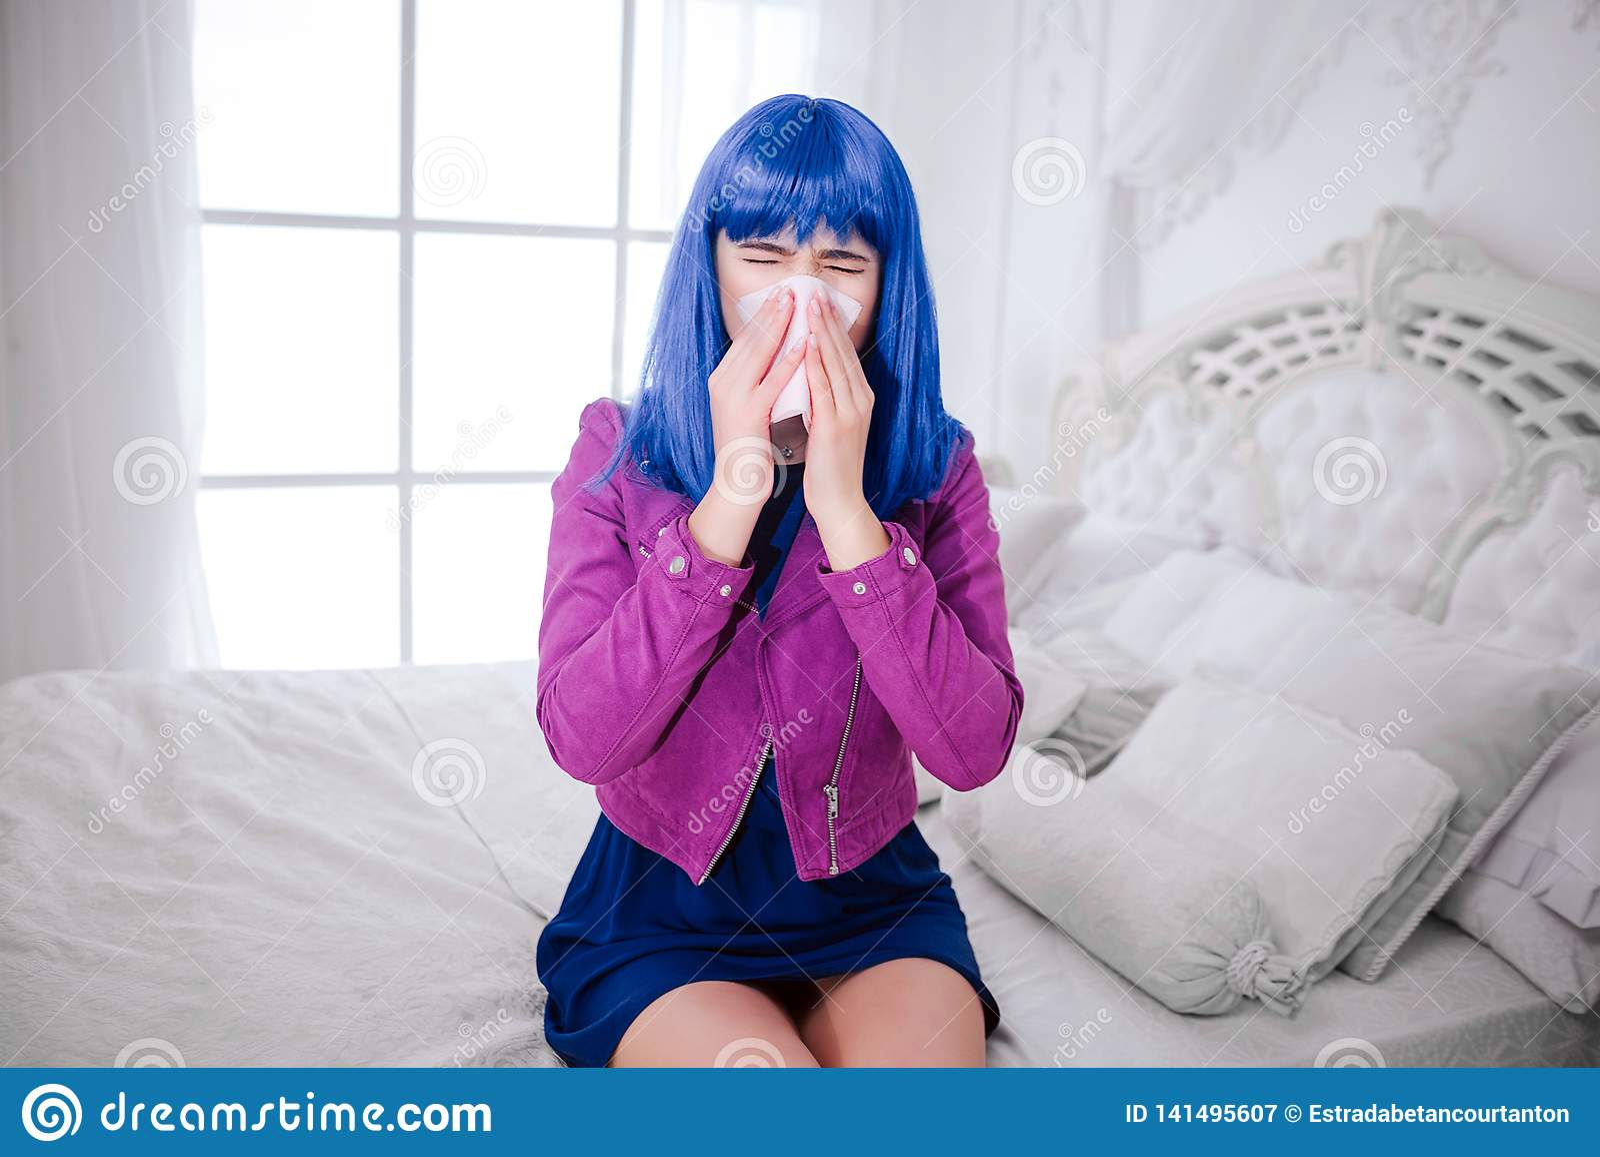 Modna pokraka Splendor kobieta z błękitnym włosy jest podmuchowym nosem i cierpieniem od bolączki w białej sypialni elegancki